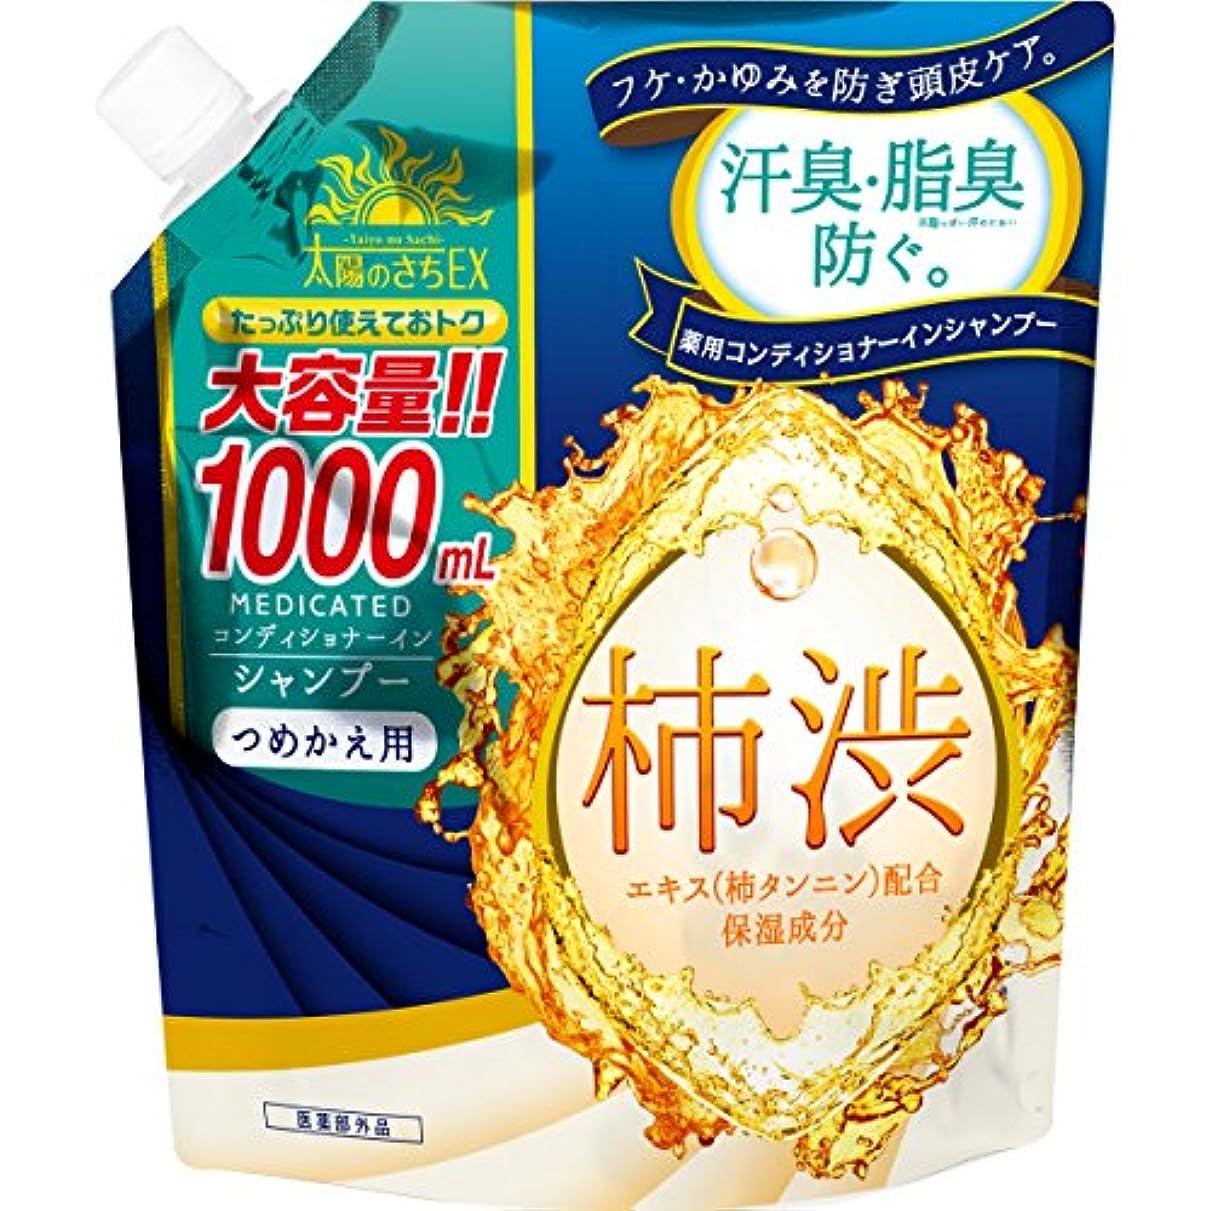 植物の追加練習した太陽のさちEX柿渋コンディショナーインシャンプー大容量 1000mL [医薬部外品]